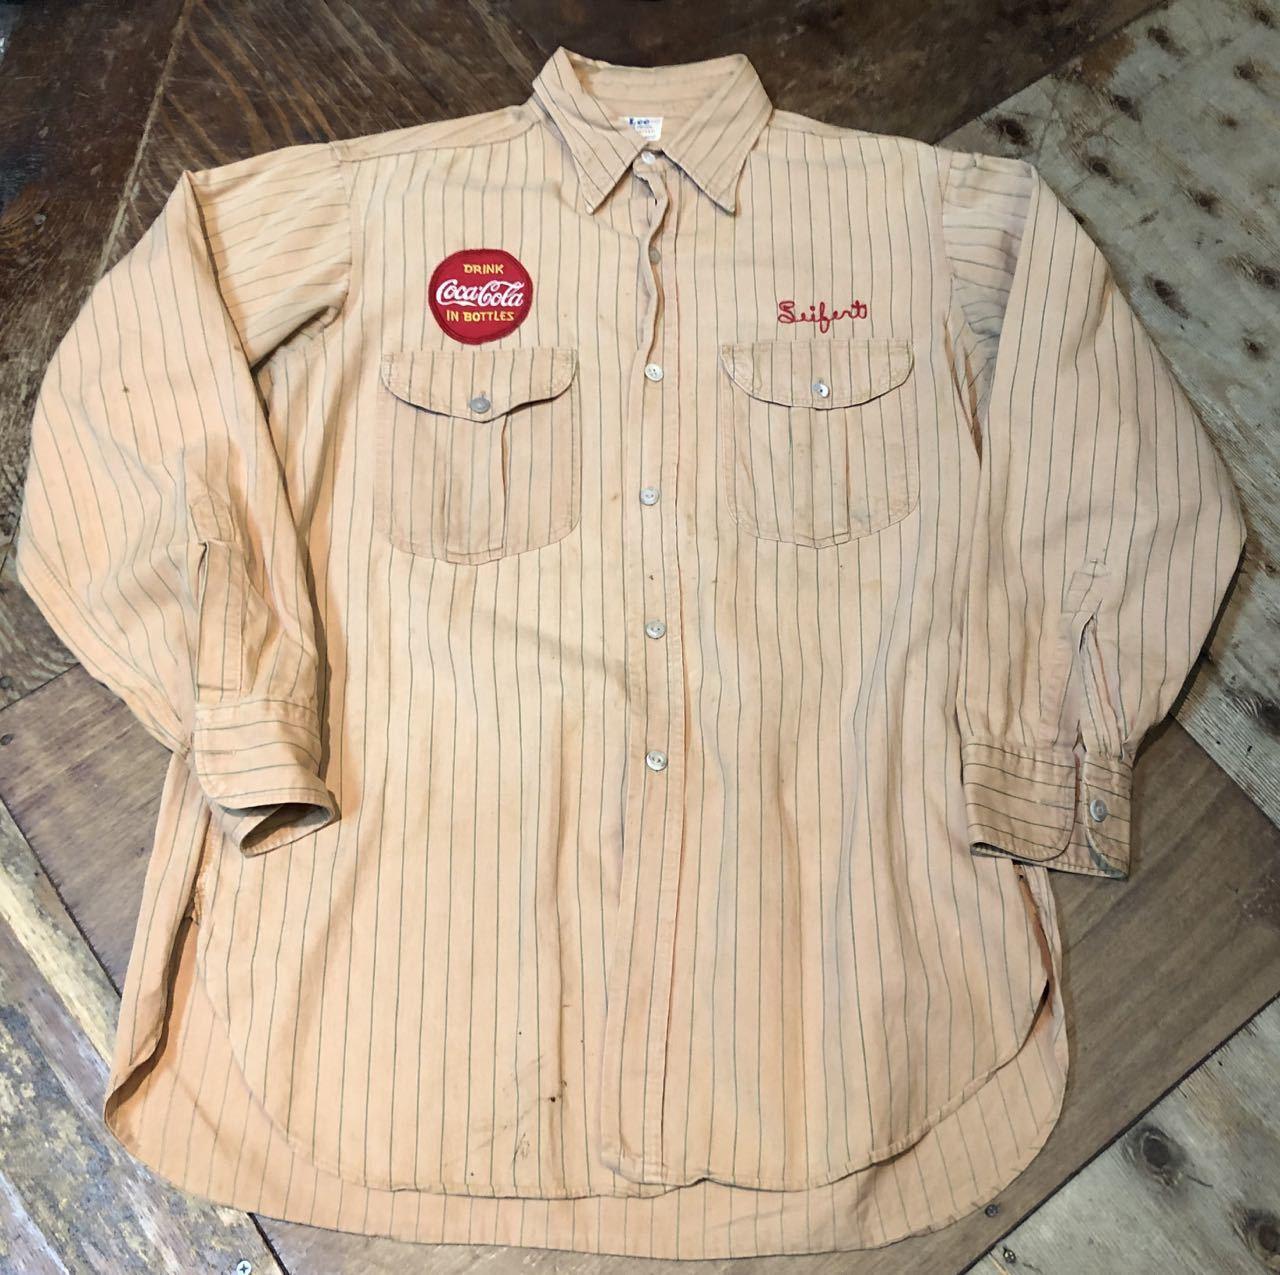 3月22日(日)入荷!40s マチ付き HBT Lee Coke Uniform ! コカコーラ ユニフォーム!_c0144020_18235360.jpg